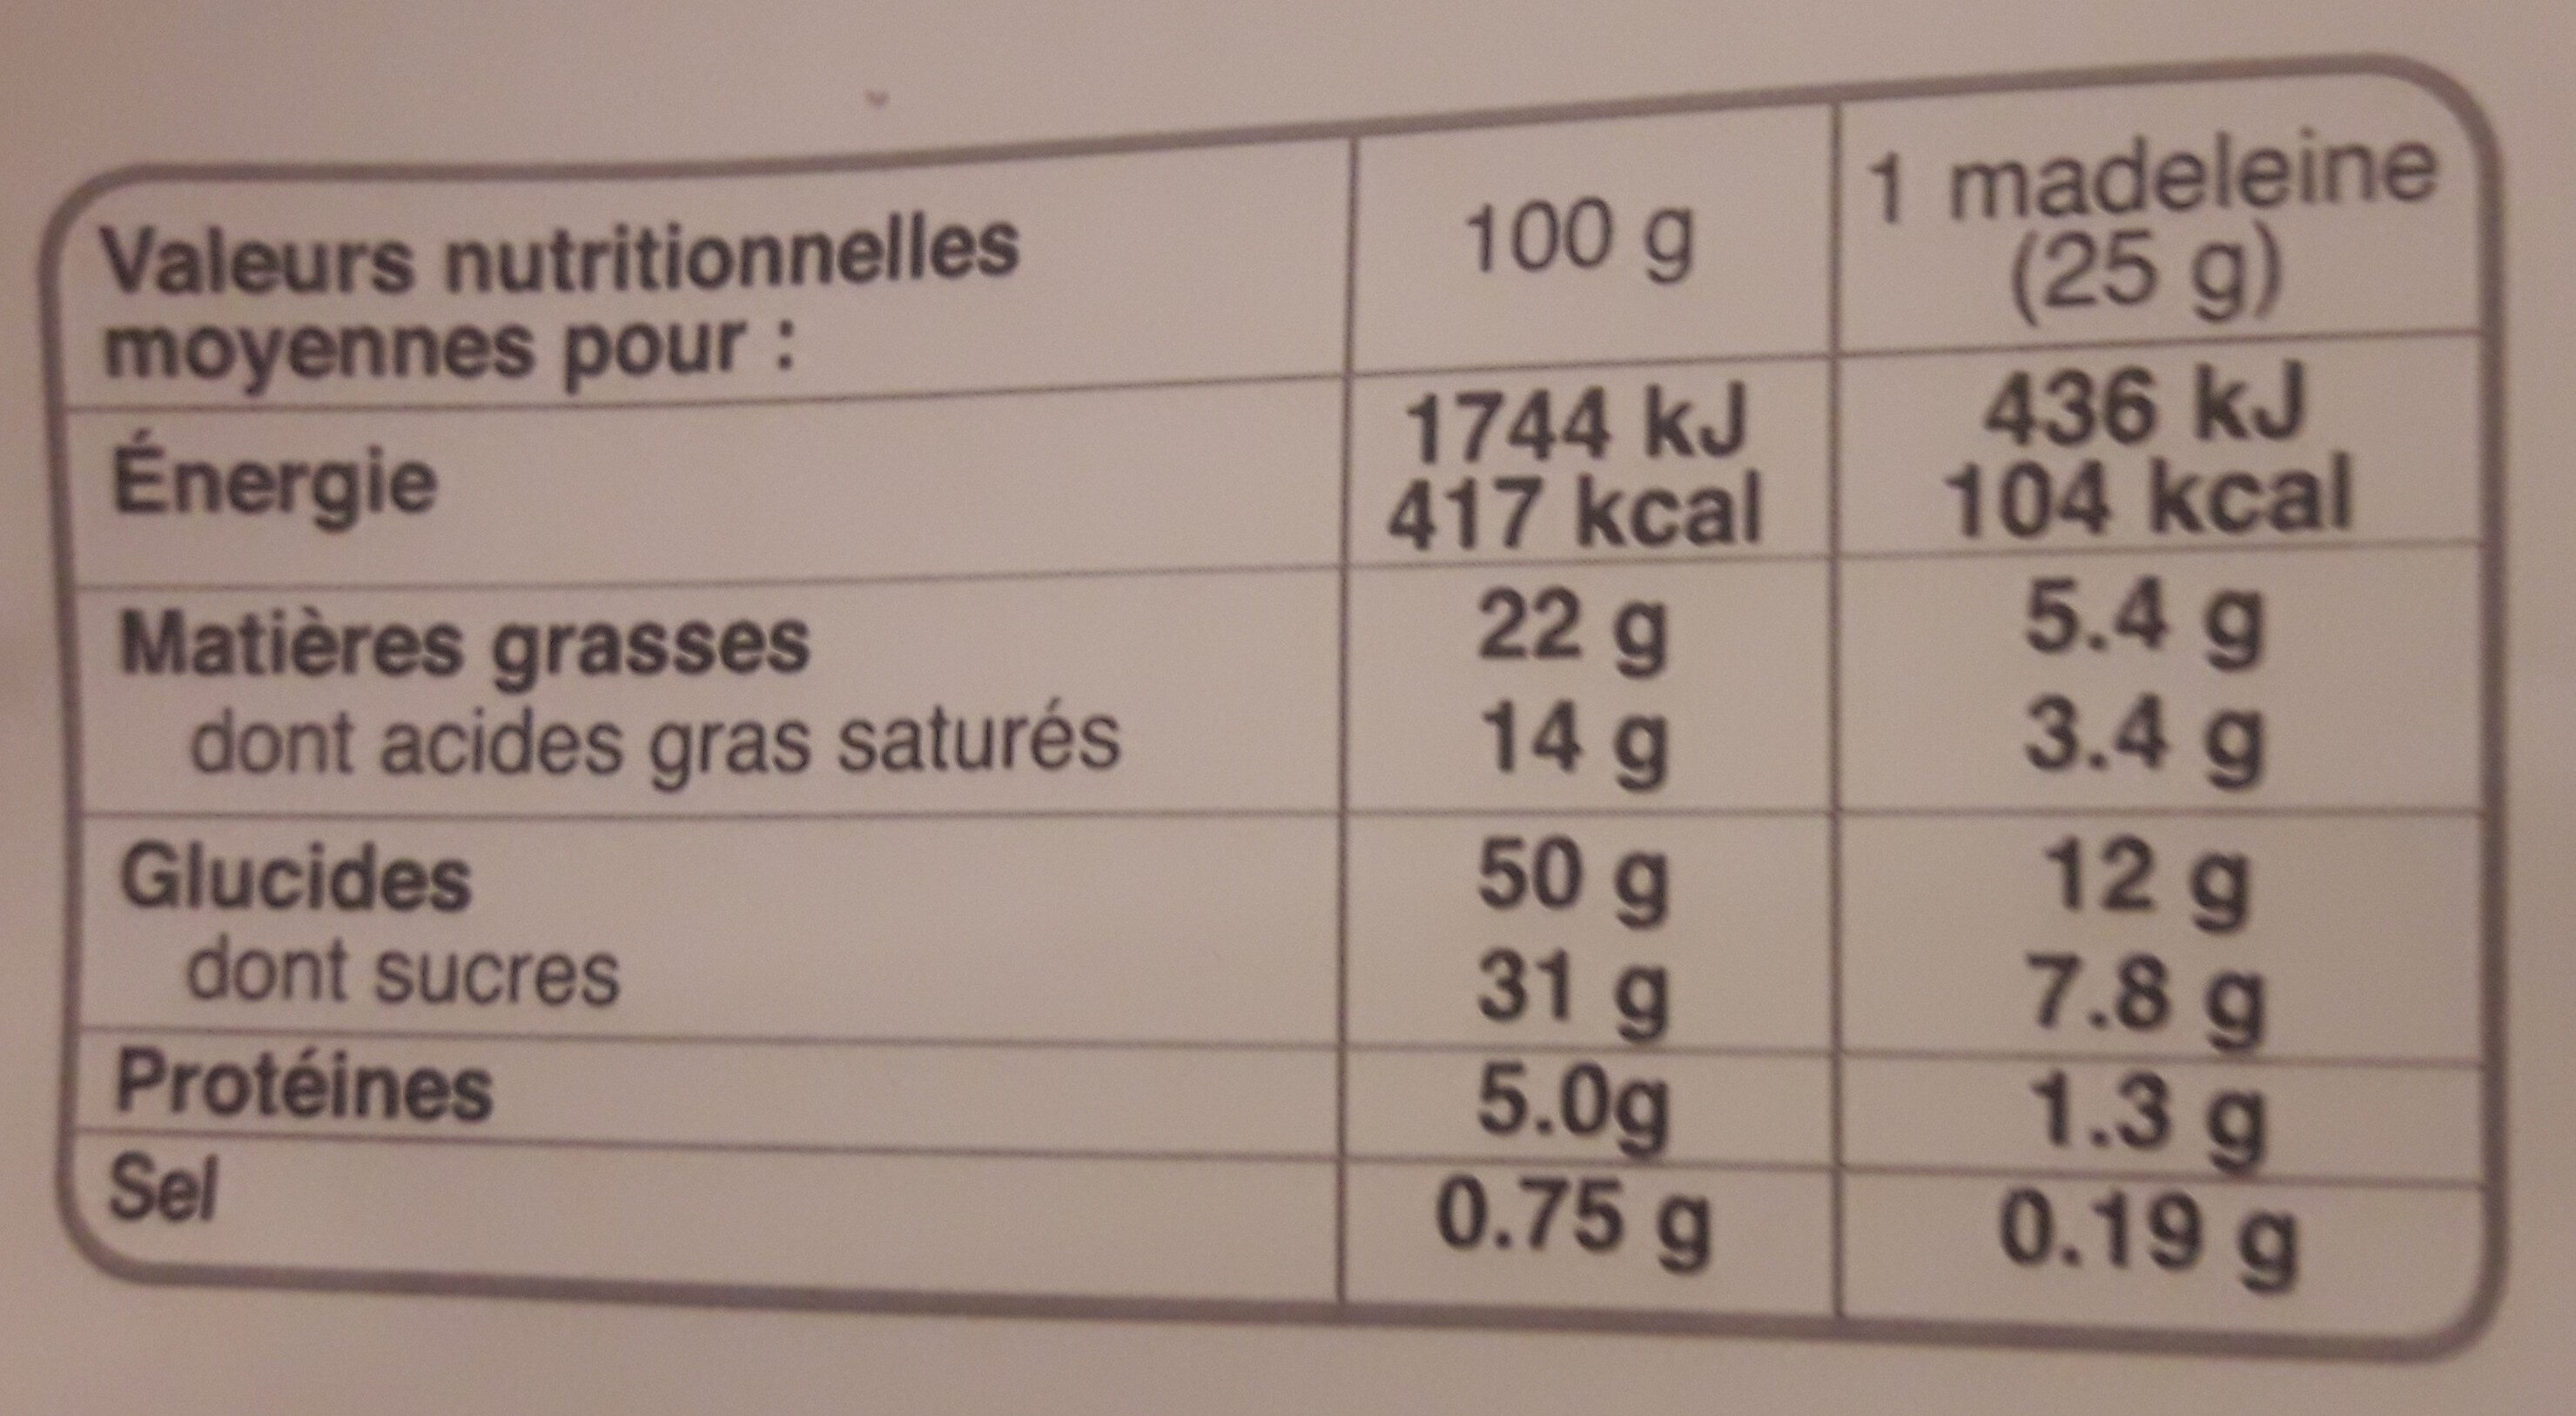 Madeleine - Voedingswaarden